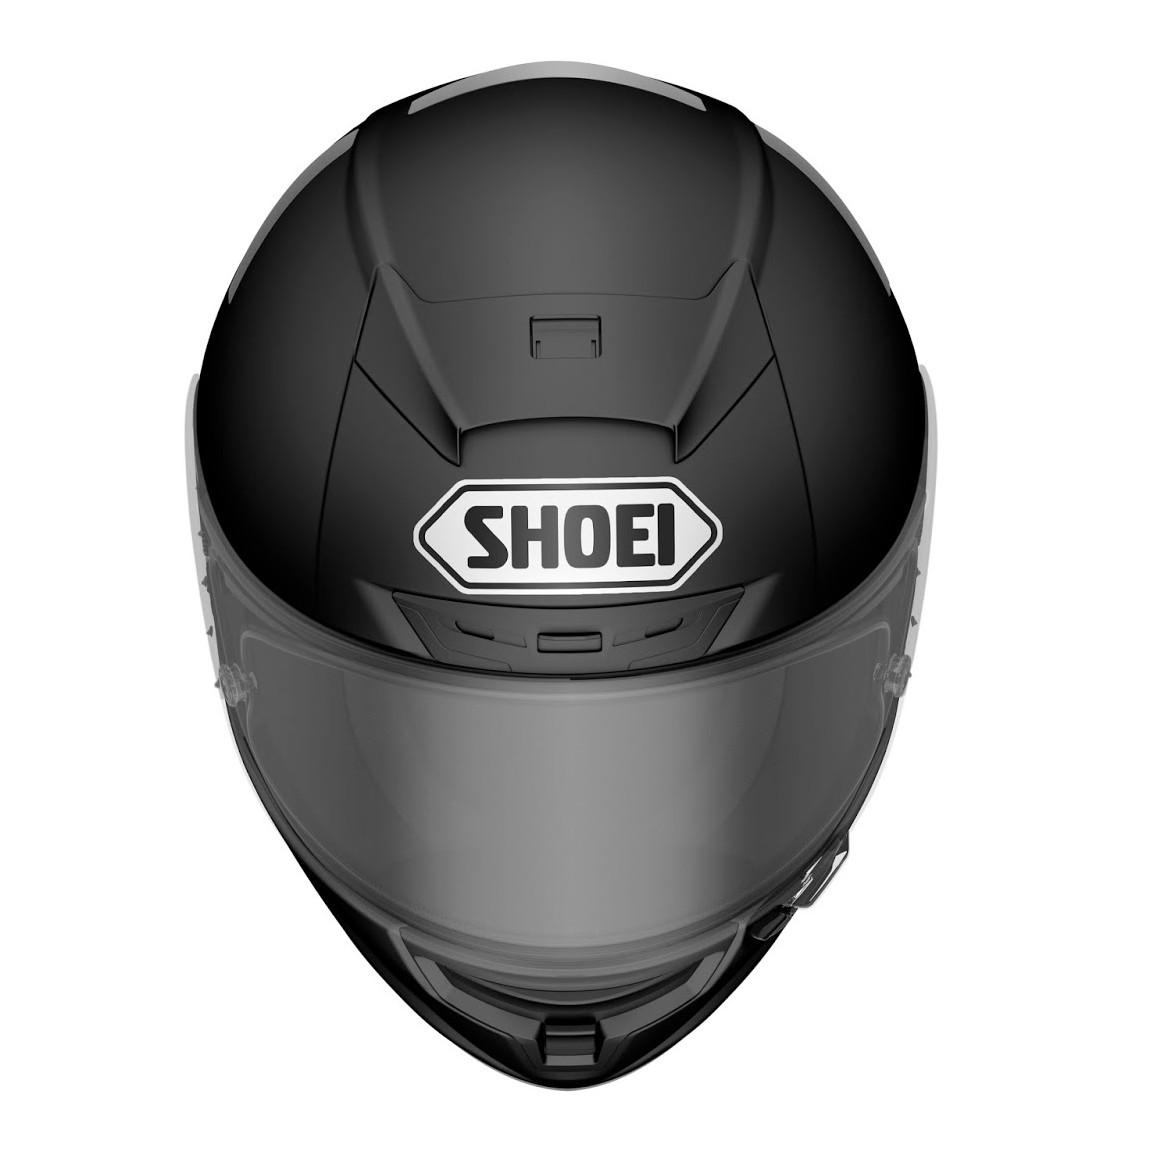 Capacete Shoei X-Spirit III Black Matt (X-Fourteen) - Lançamento  - Nova Suzuki Motos e Acessórios